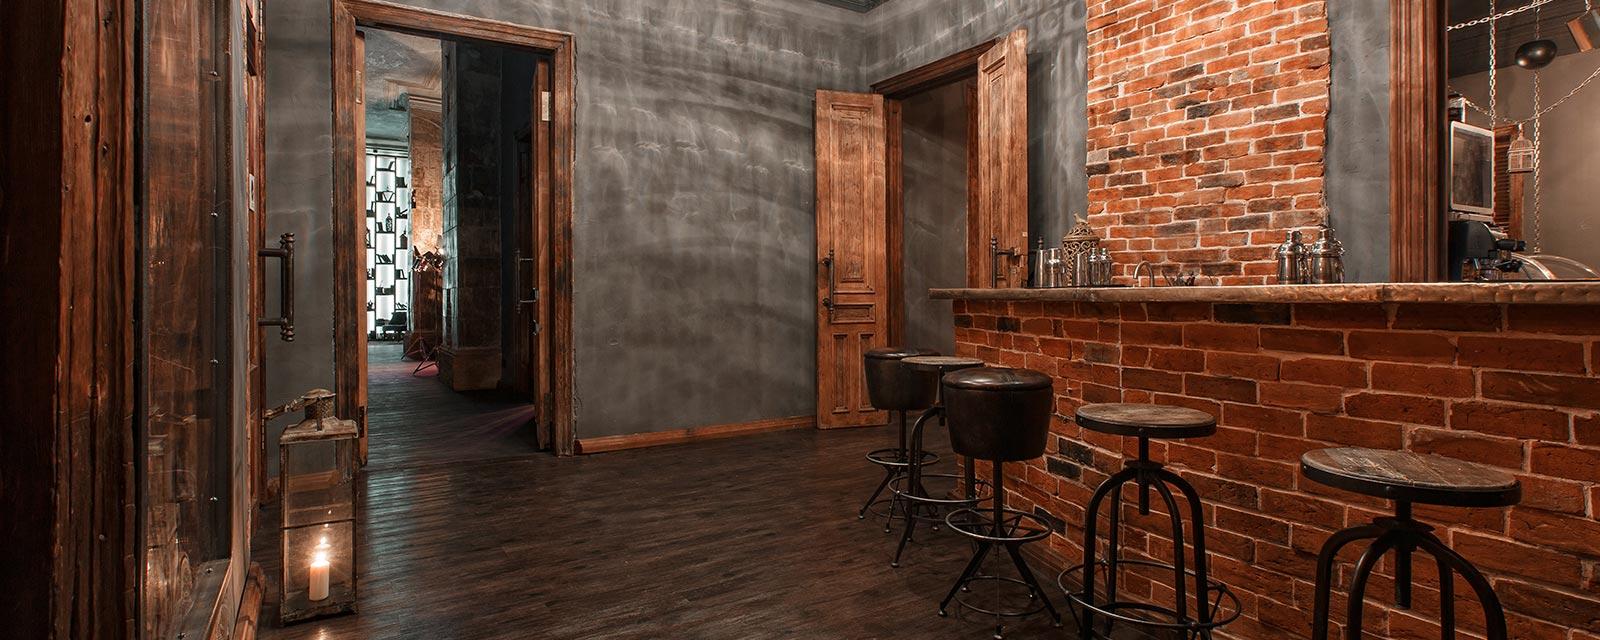 Idee Deco Pierre De Parement Interieur mur brut - l'intégrer dans sa décoration | guide artisan